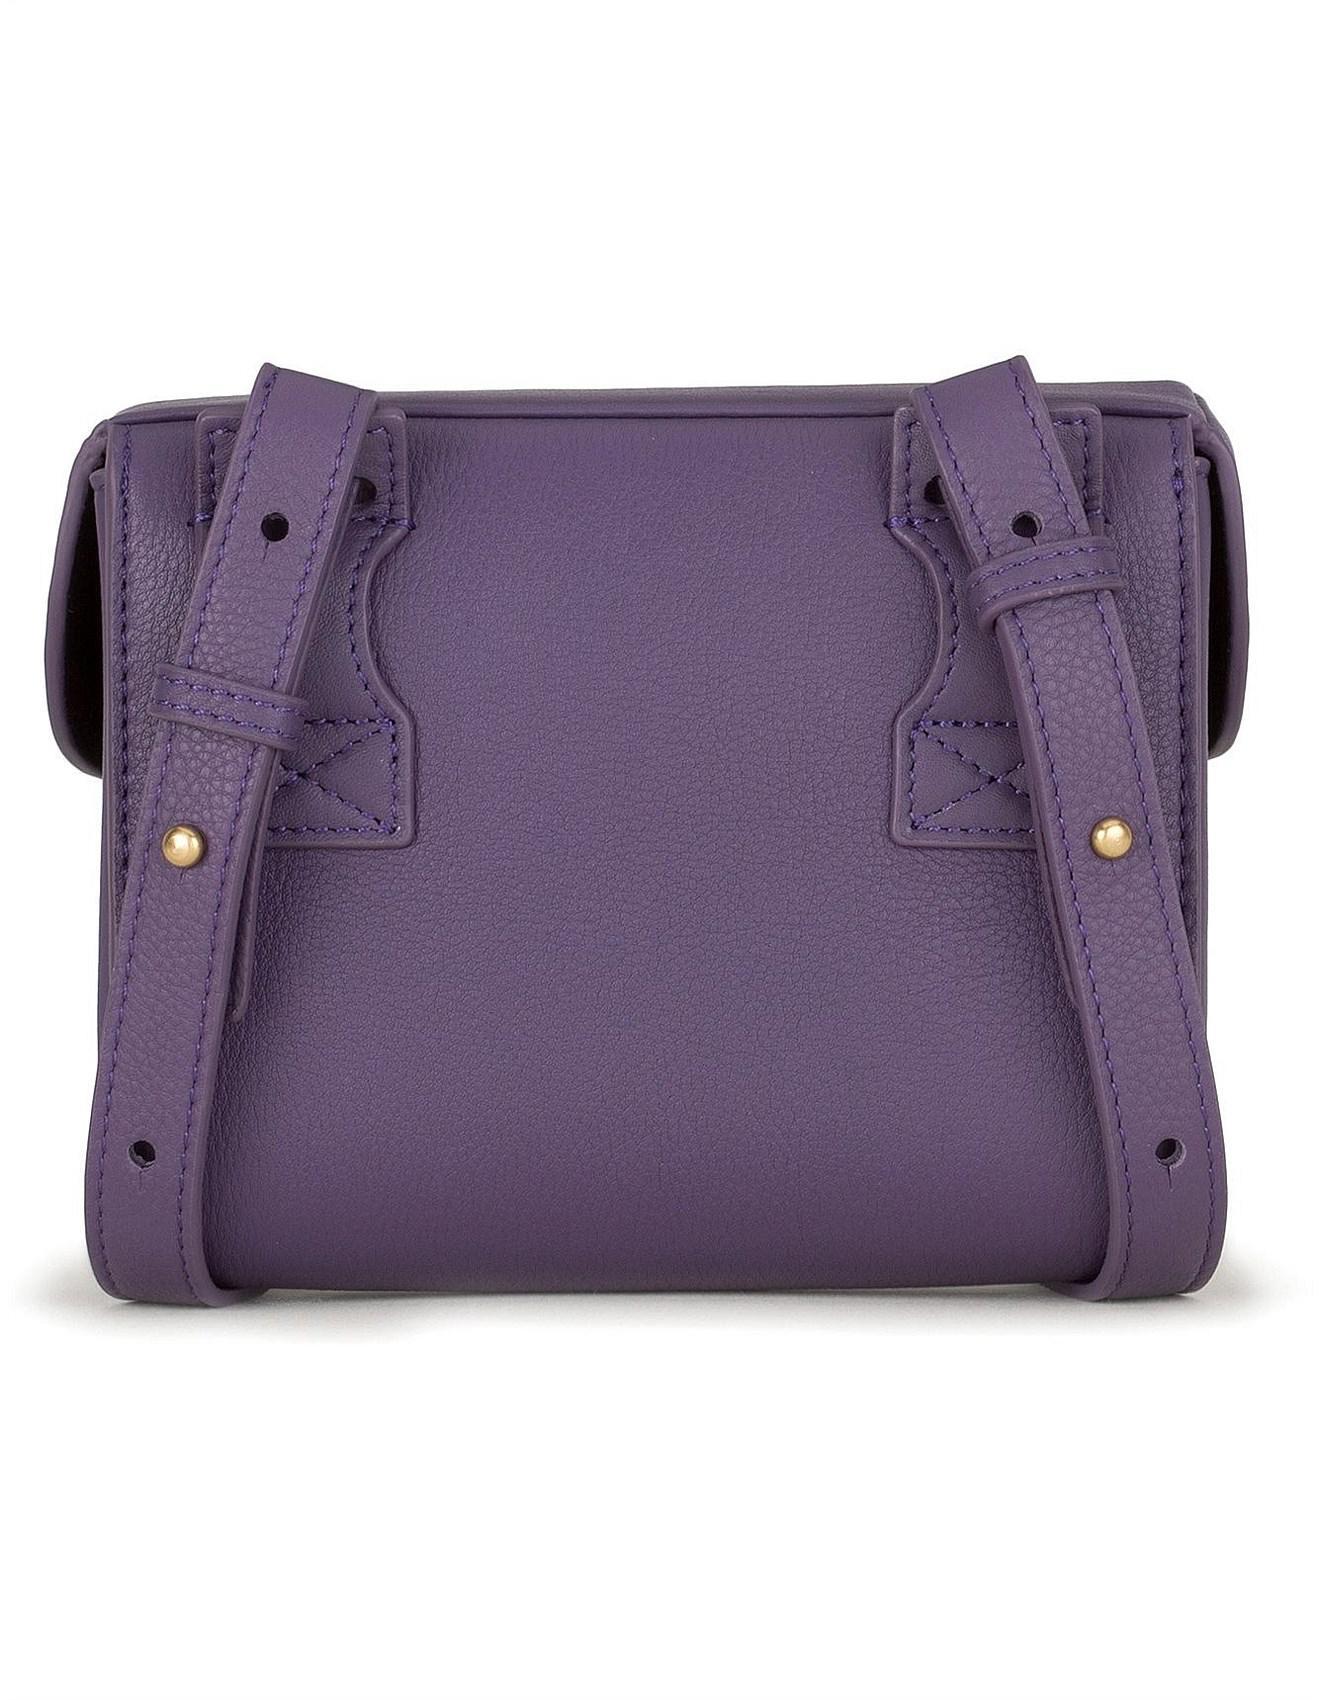 Deadly Ponies Mini Monkey Crossbody Belt Bag in Purple - Lyst 72ea297b85f84